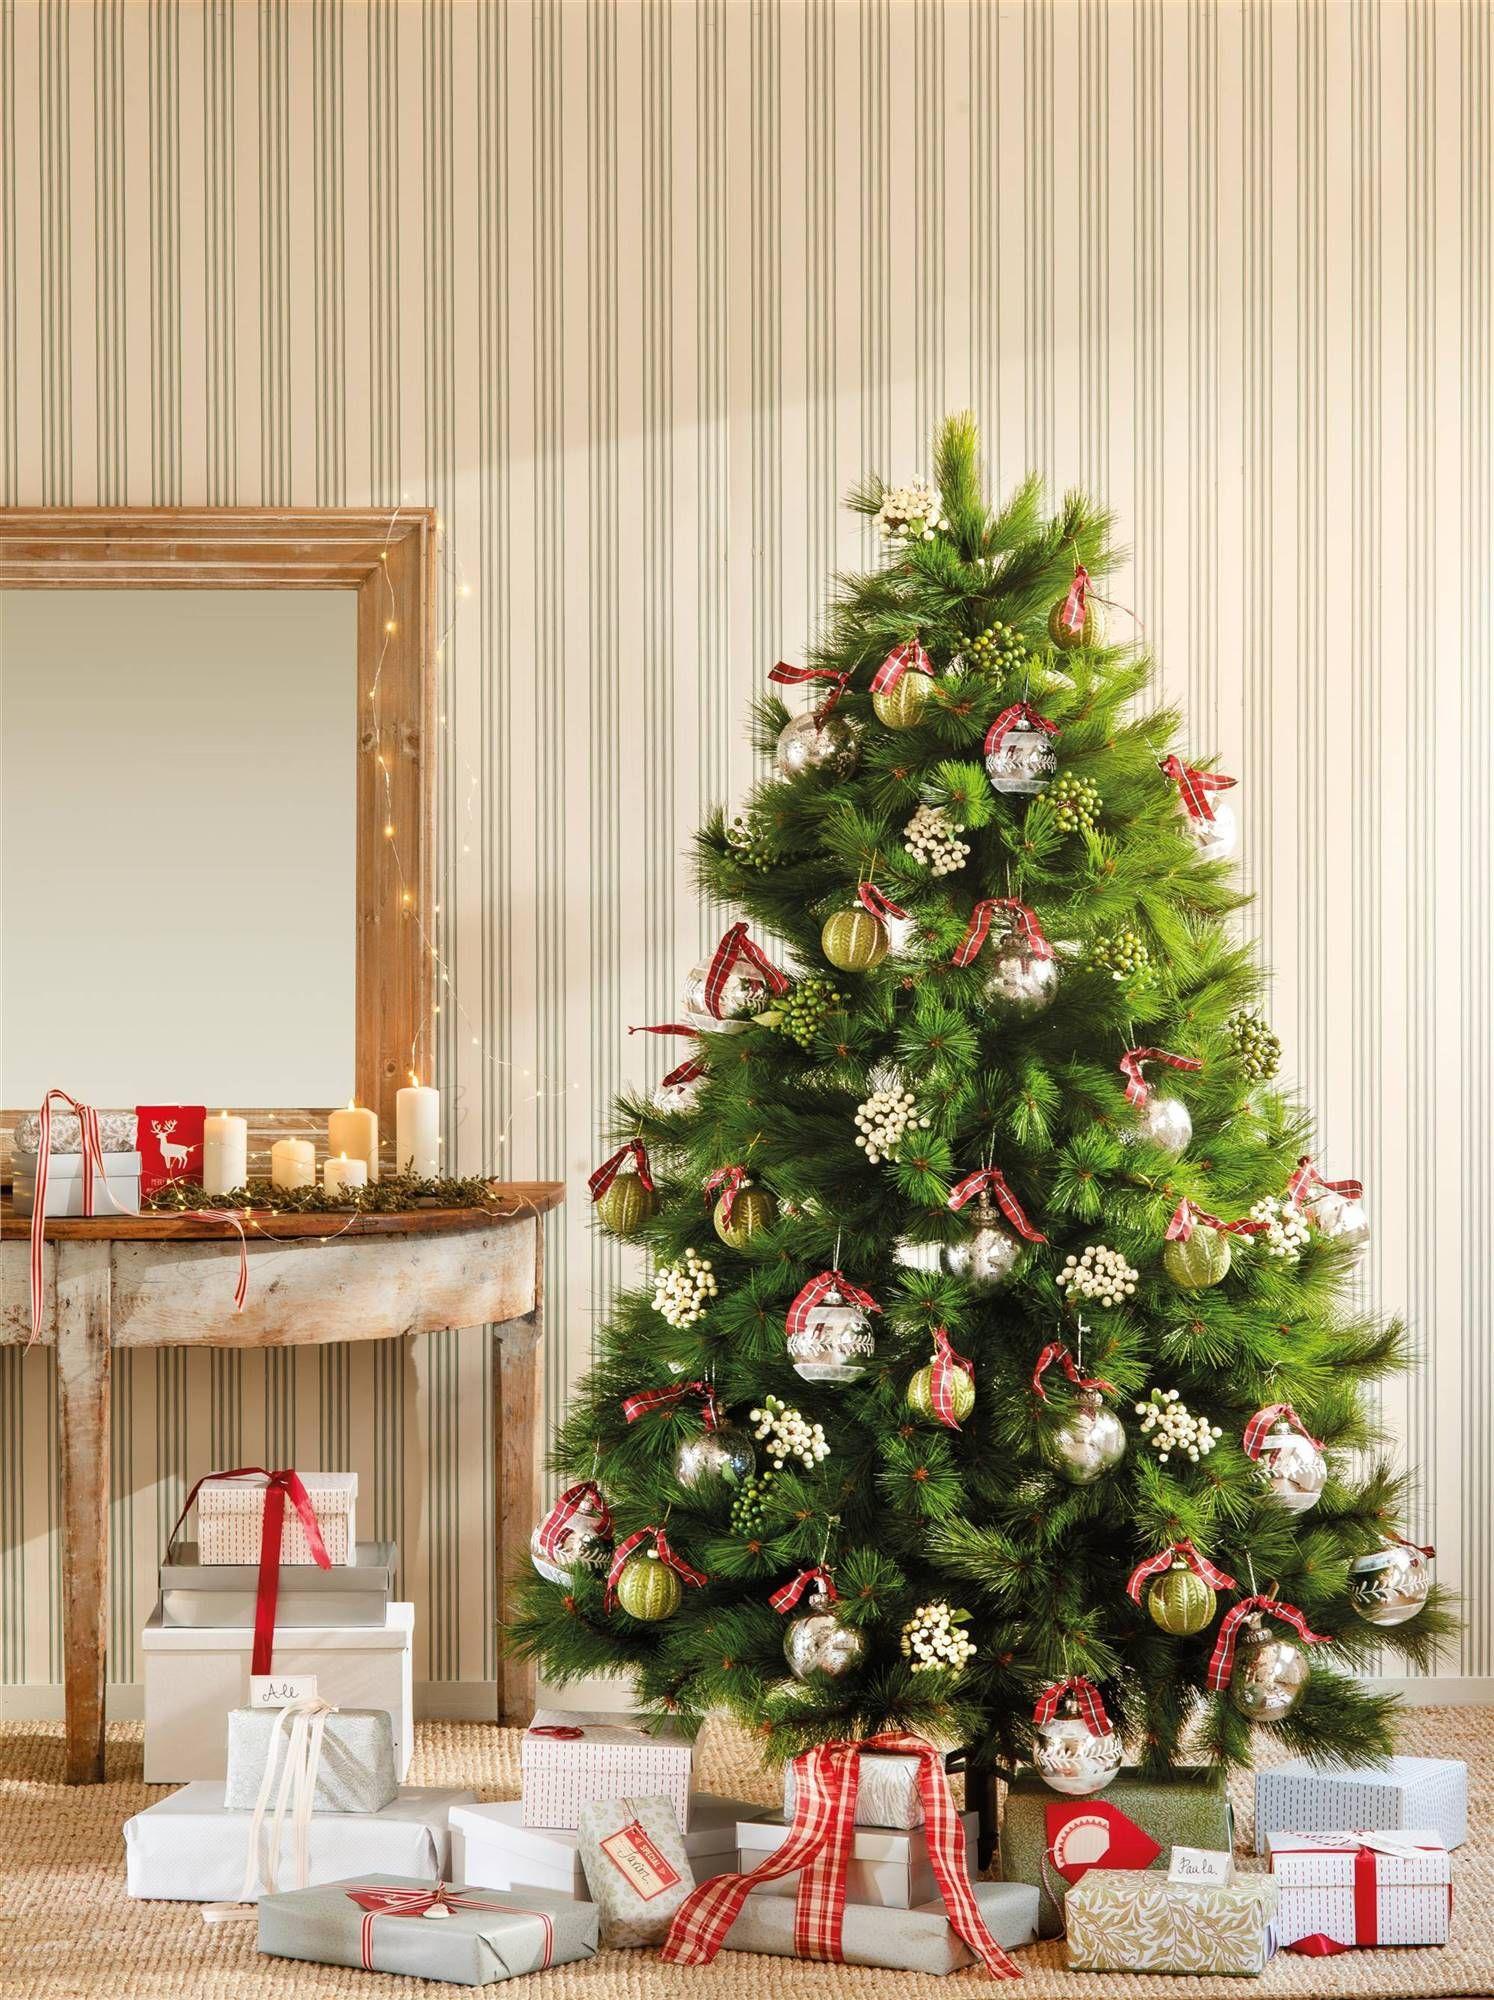 El Calor De La Navidad Decoracion Del Arbol Navidad Arbol De Navidad